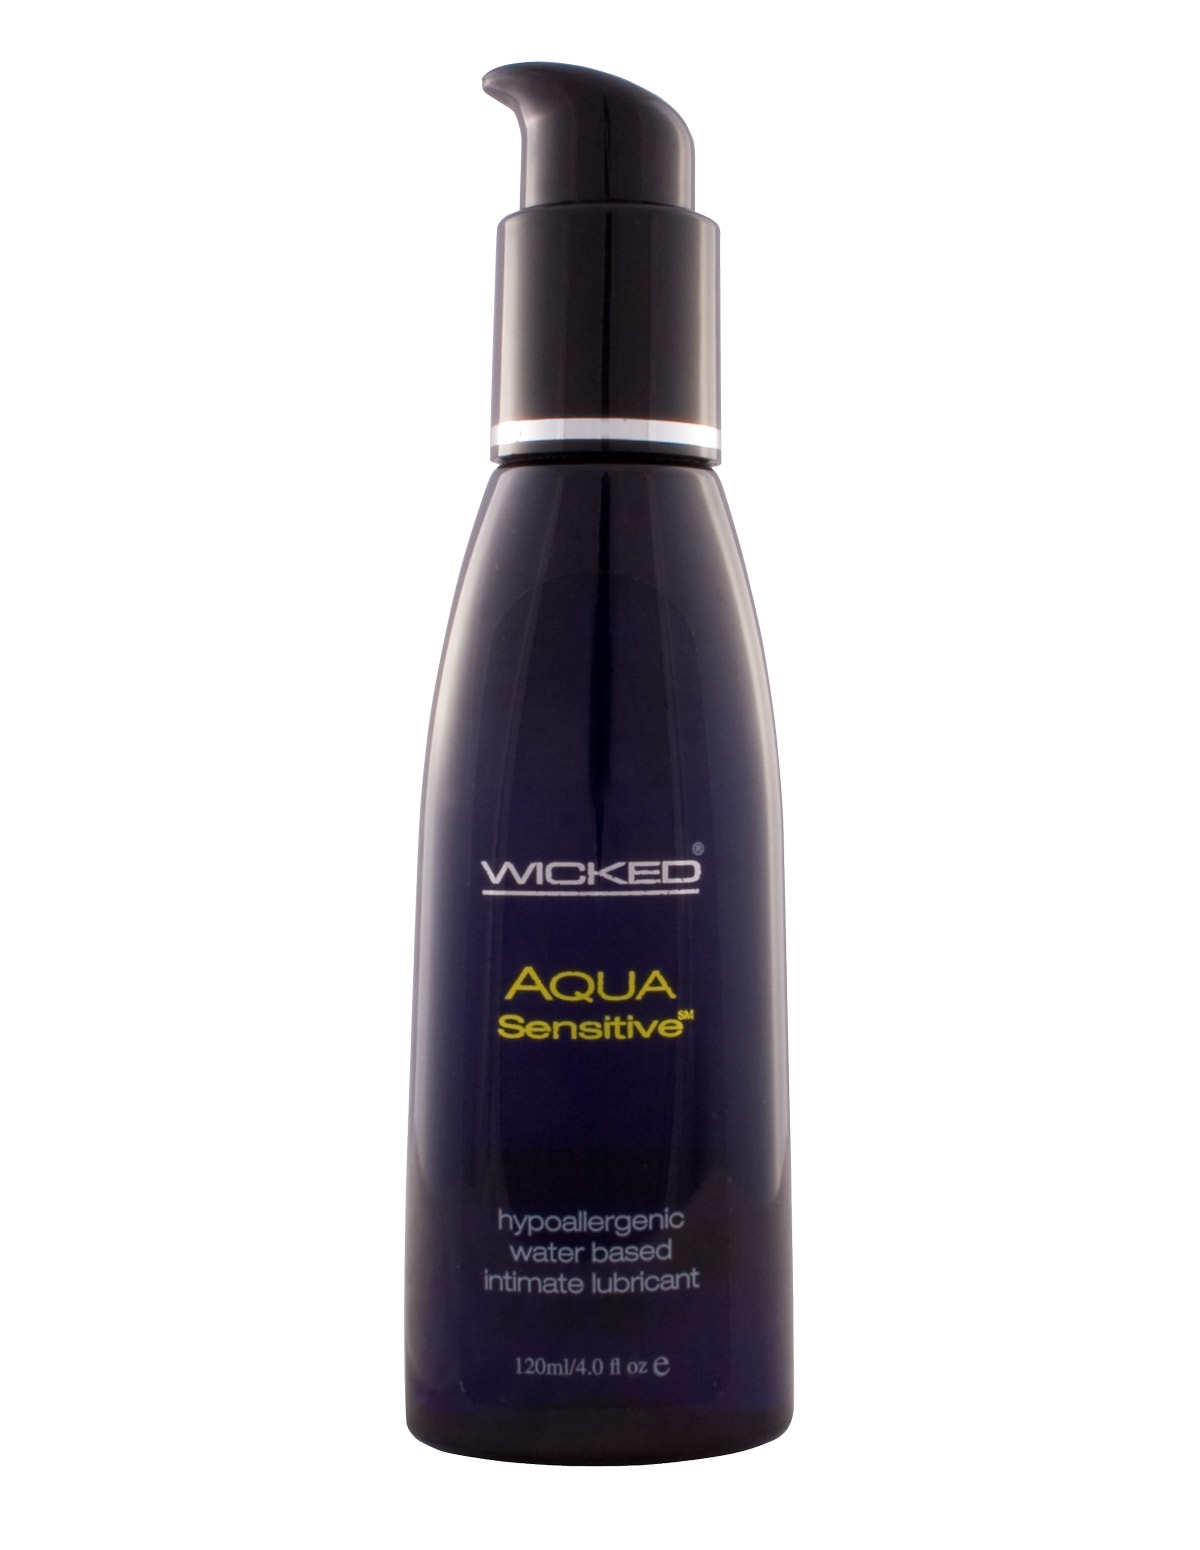 Aqua Sensitive Lubricant